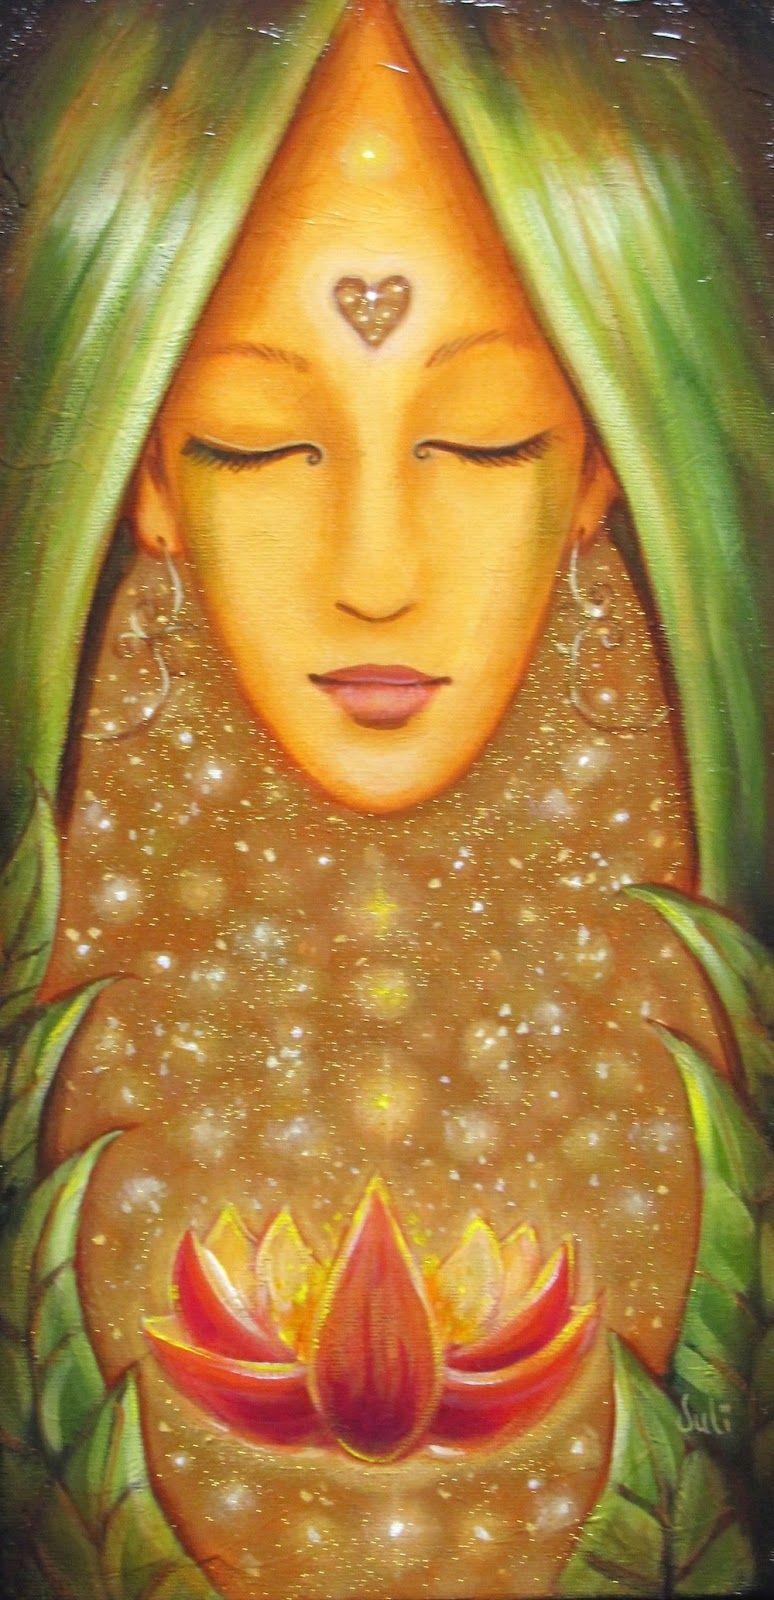 Quote Des Artistes Peintres pure vision - julï lesage artiste peintre | art, goddess art